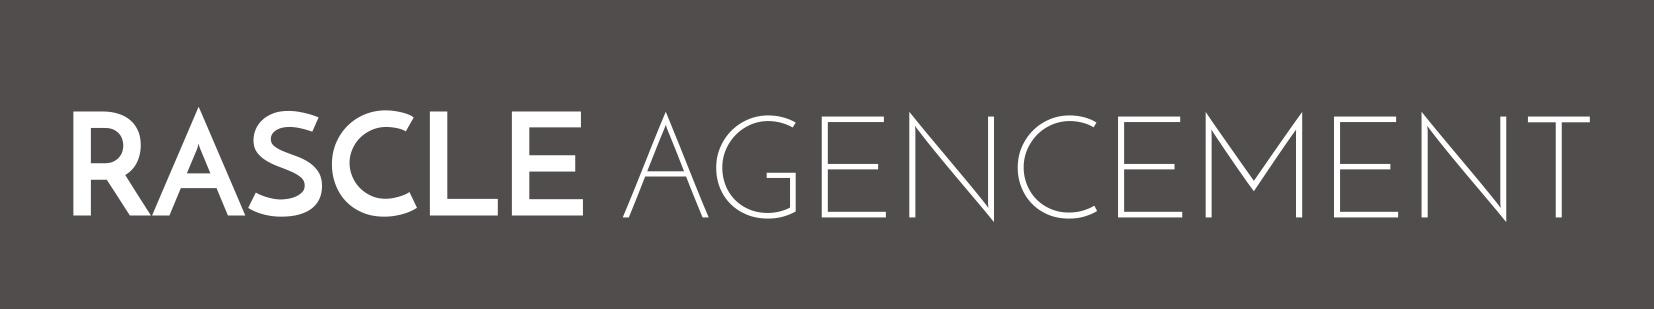 Rascle Agencement - Agencement d'intérieur en Haute-Loire